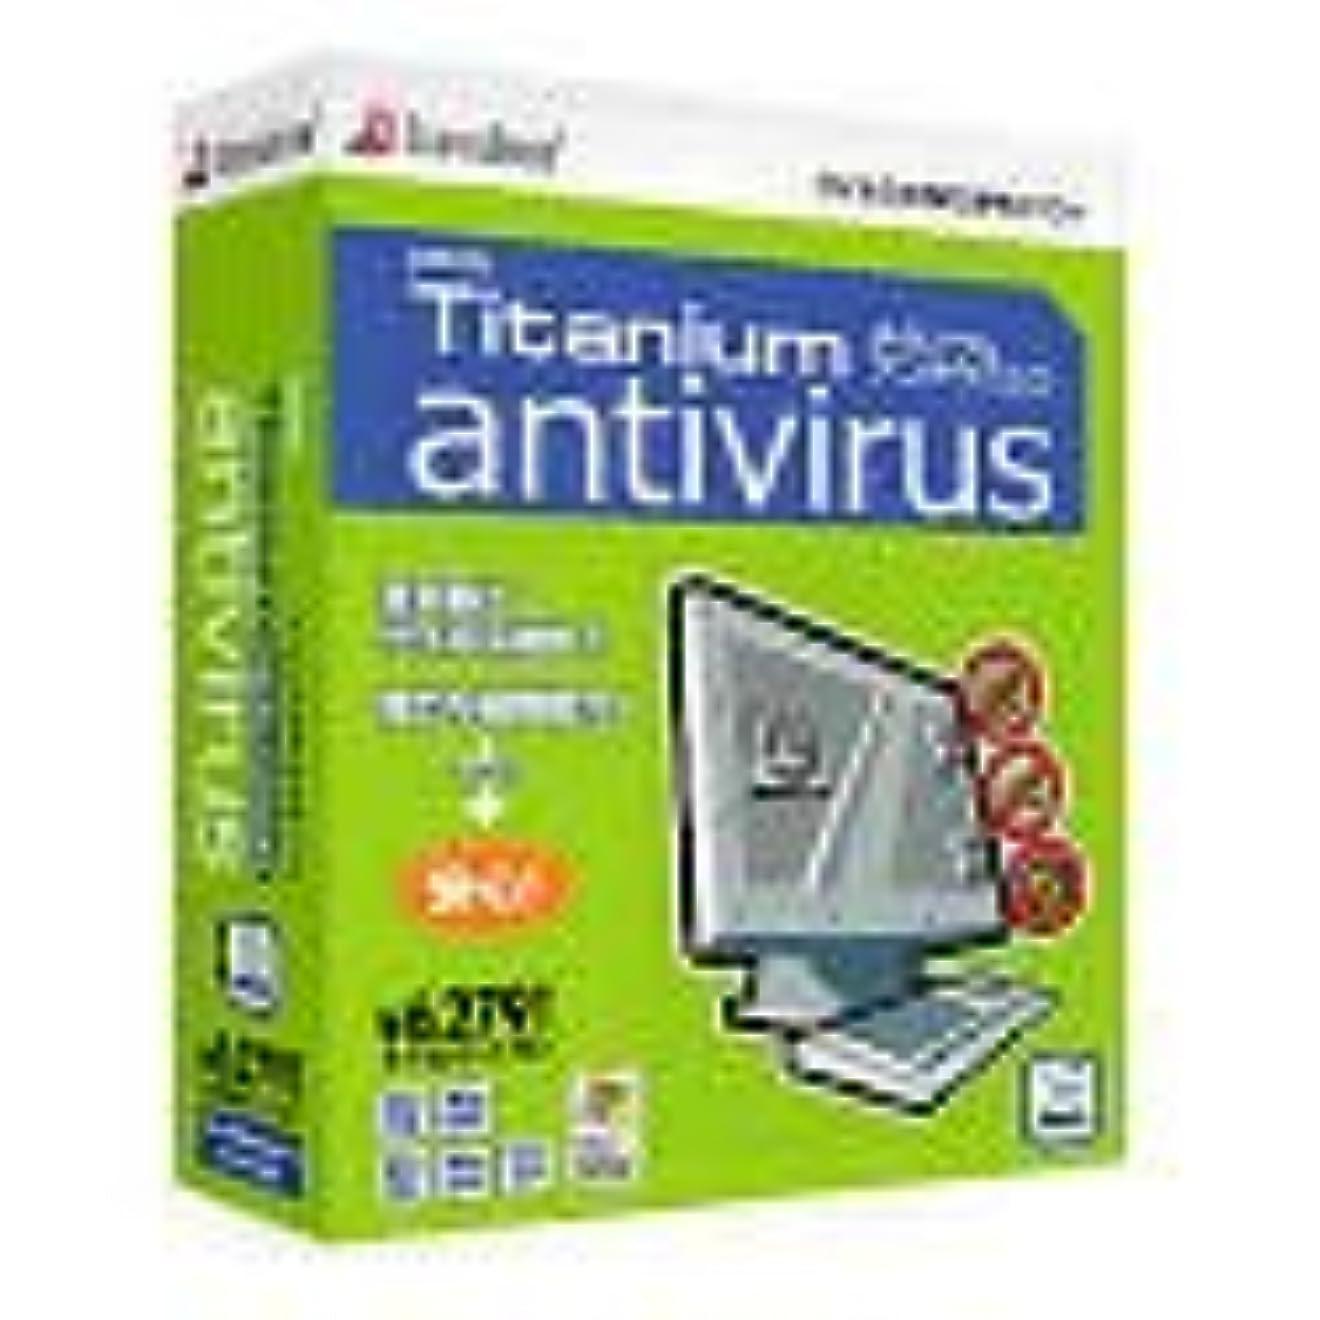 価値のない読みやすさカウンターパートPanda Titanium Antivirus